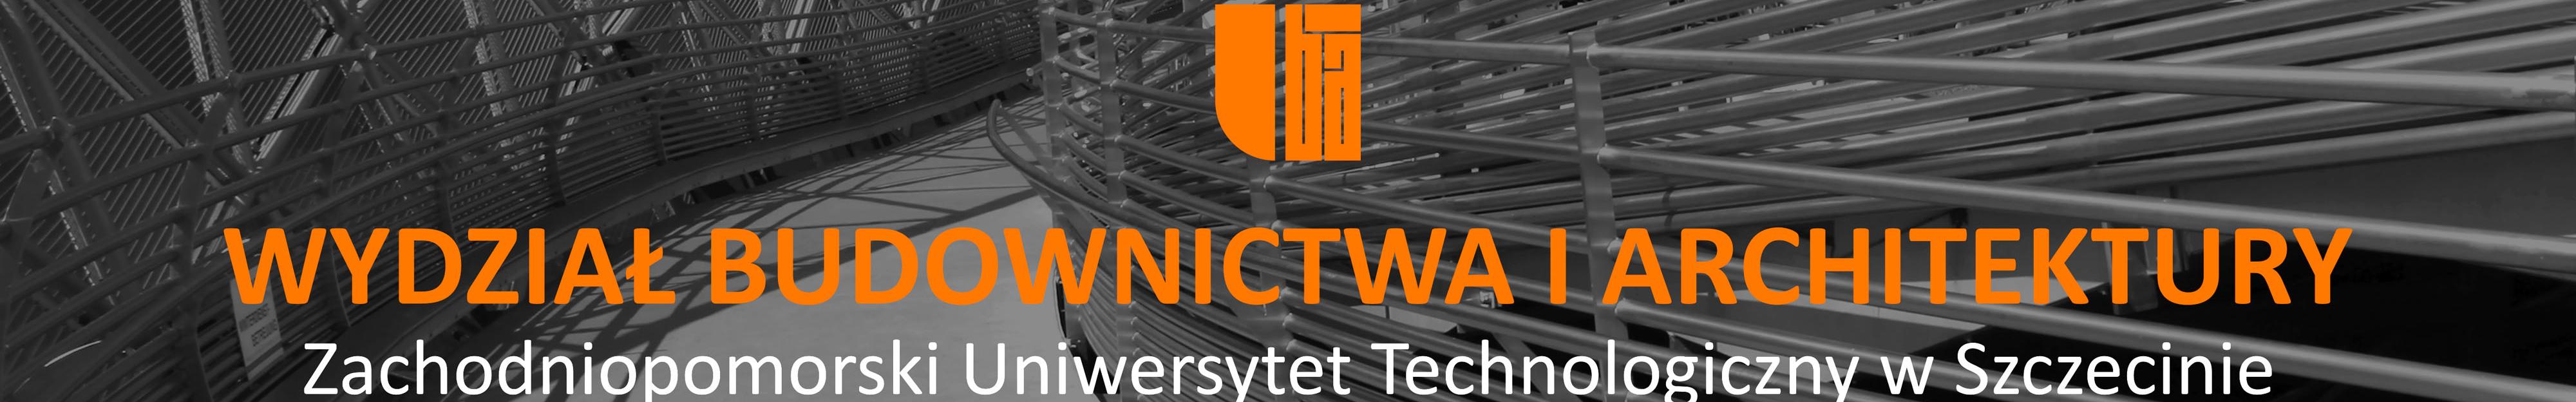 Zachodniopomorski Uniwersytet Technologiczny - Wydział Budownictwa i Architektury